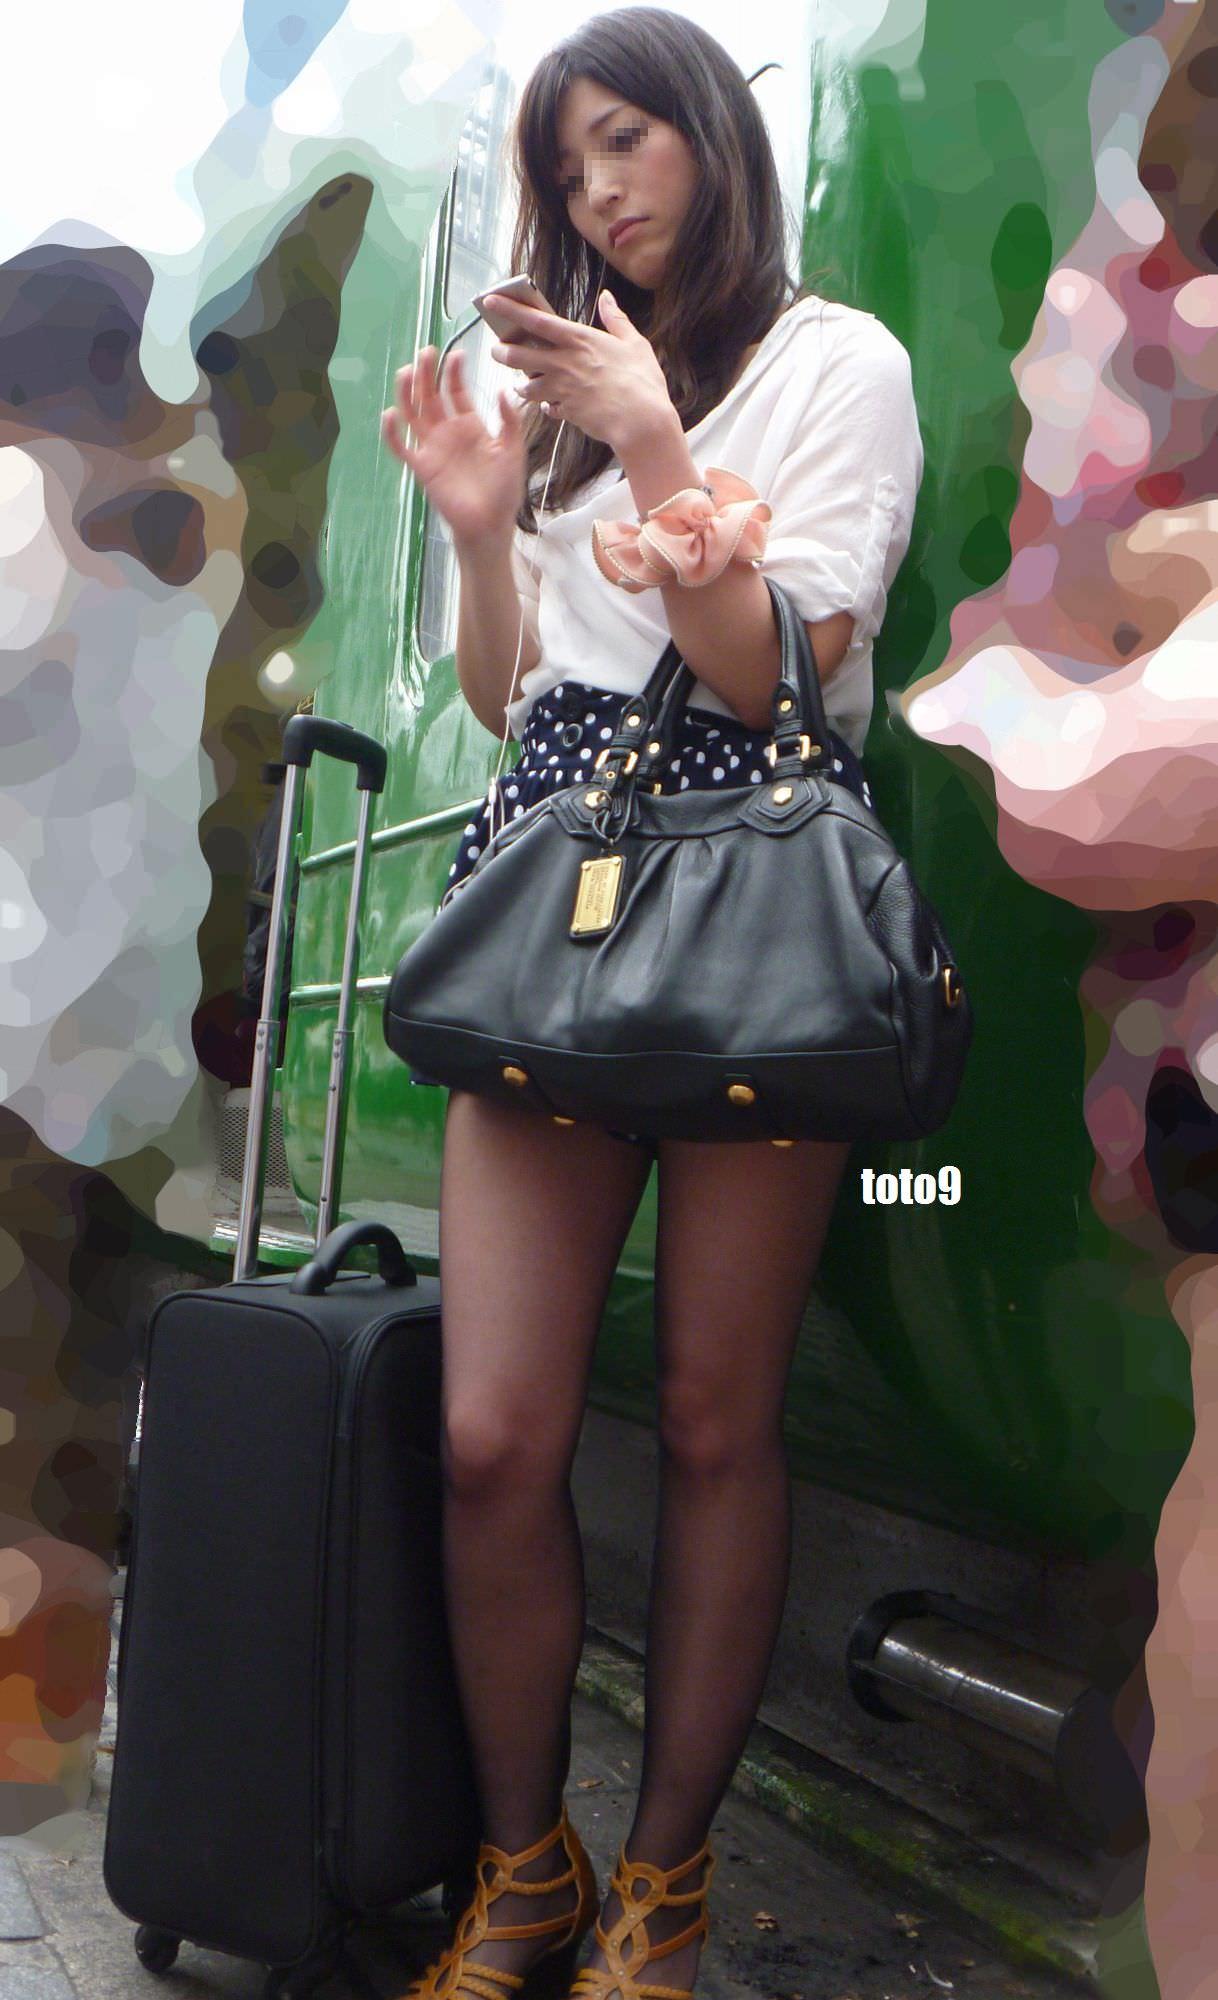 三次元 3次元 エロ画像 美脚 素人 街撮り べっぴん娘通信 22